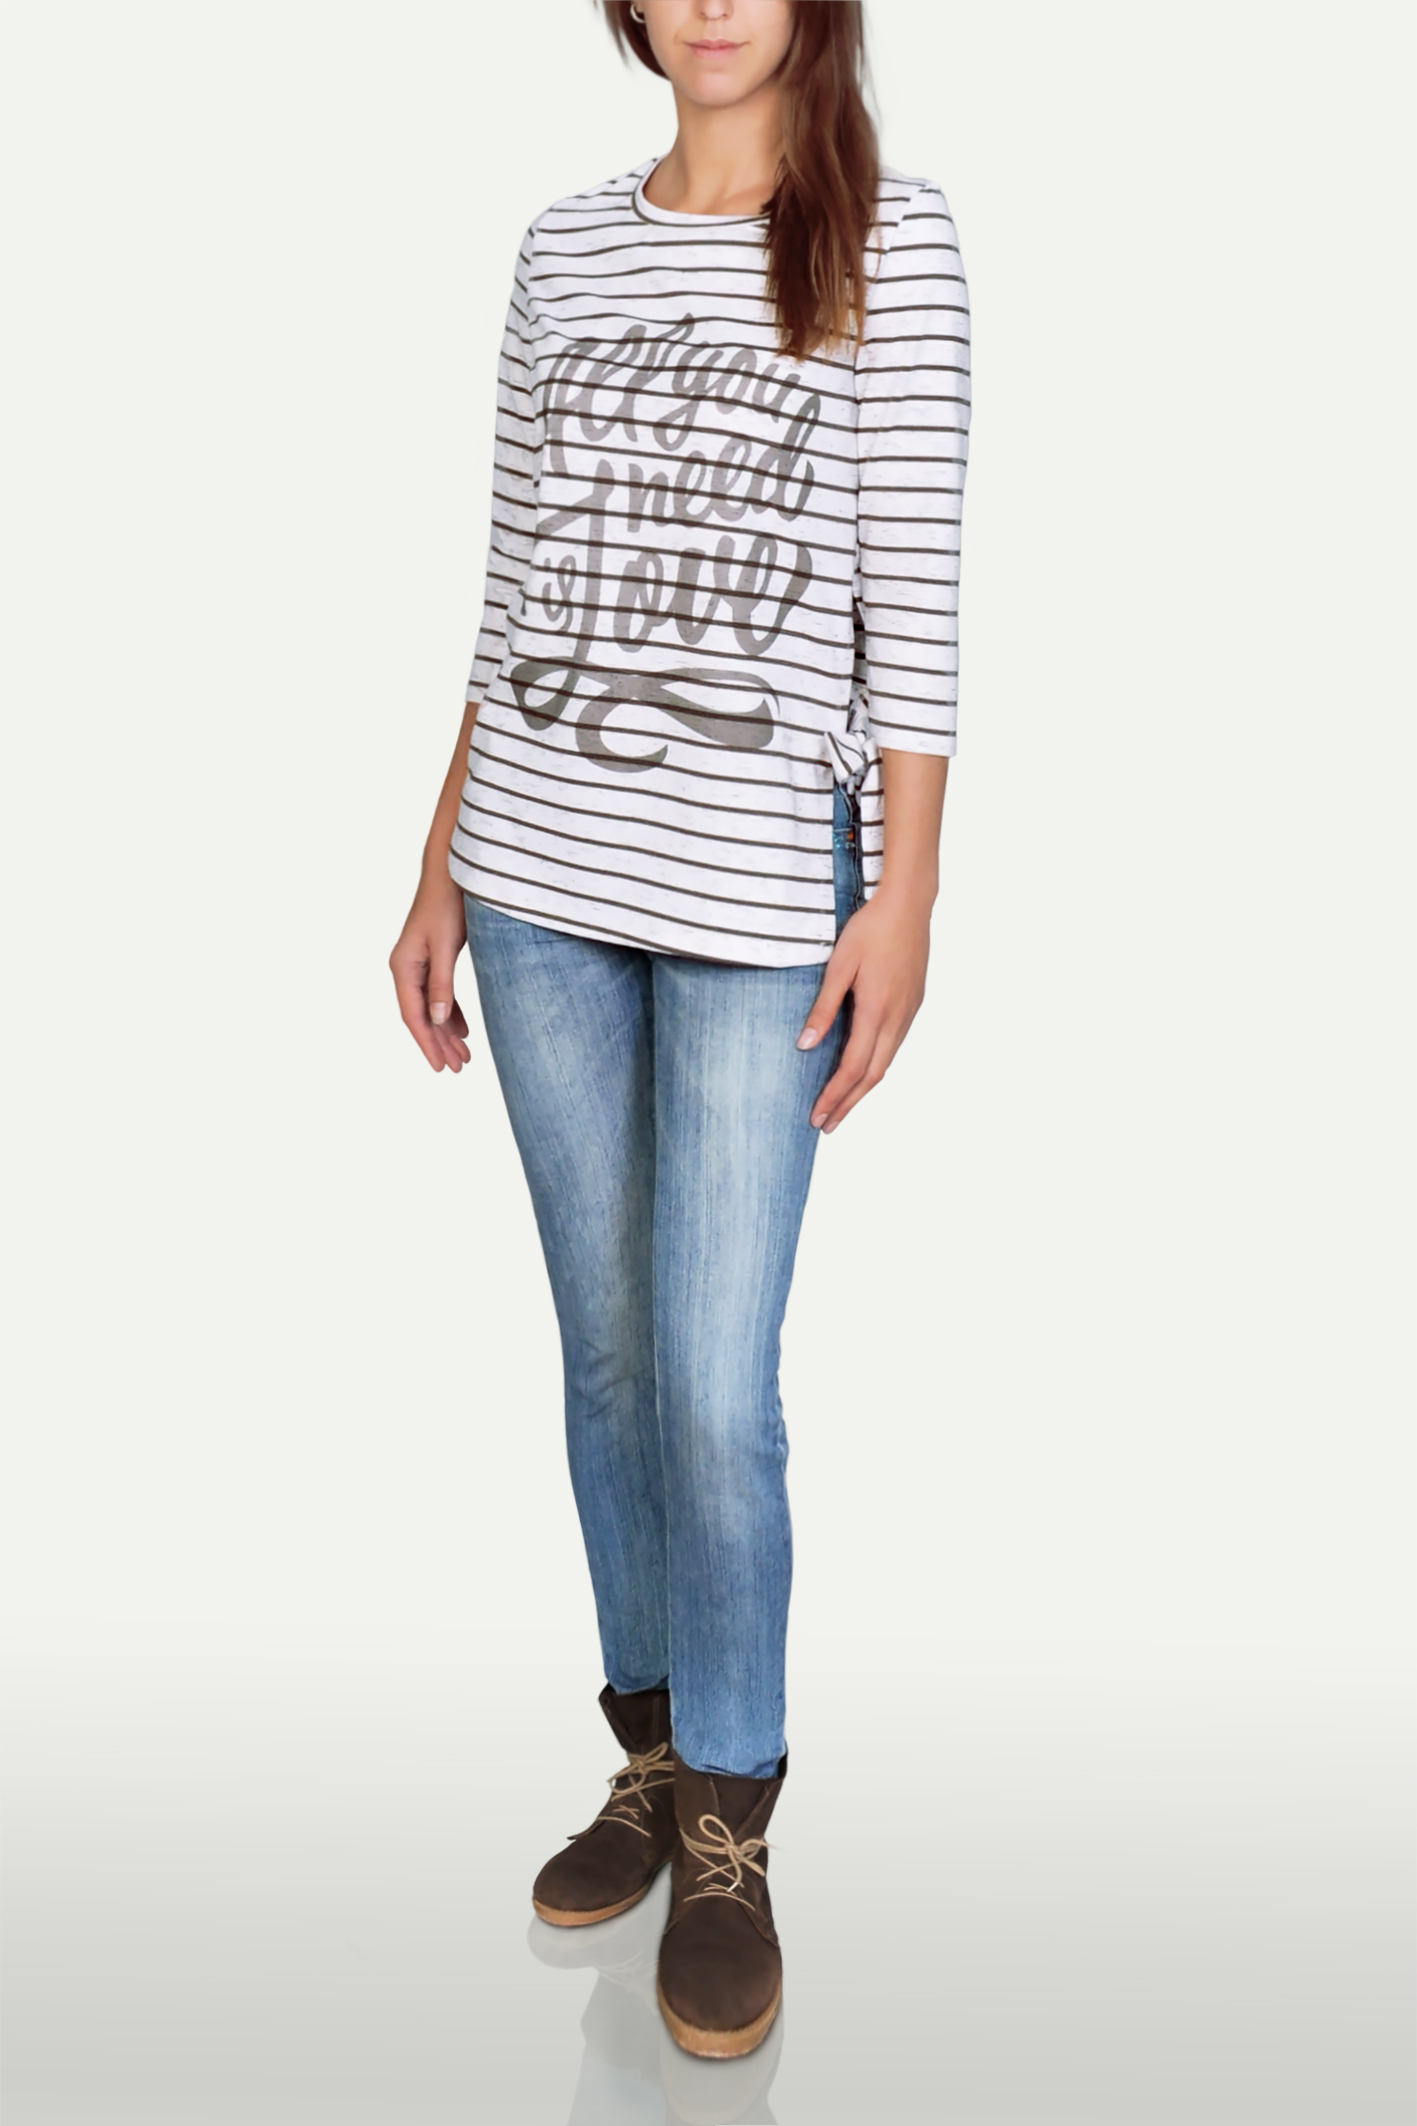 Сбор заказов. Интересные модели одежды для женщин 42-56 р-ра: блузы, свитшоты, кардиганы, платья.